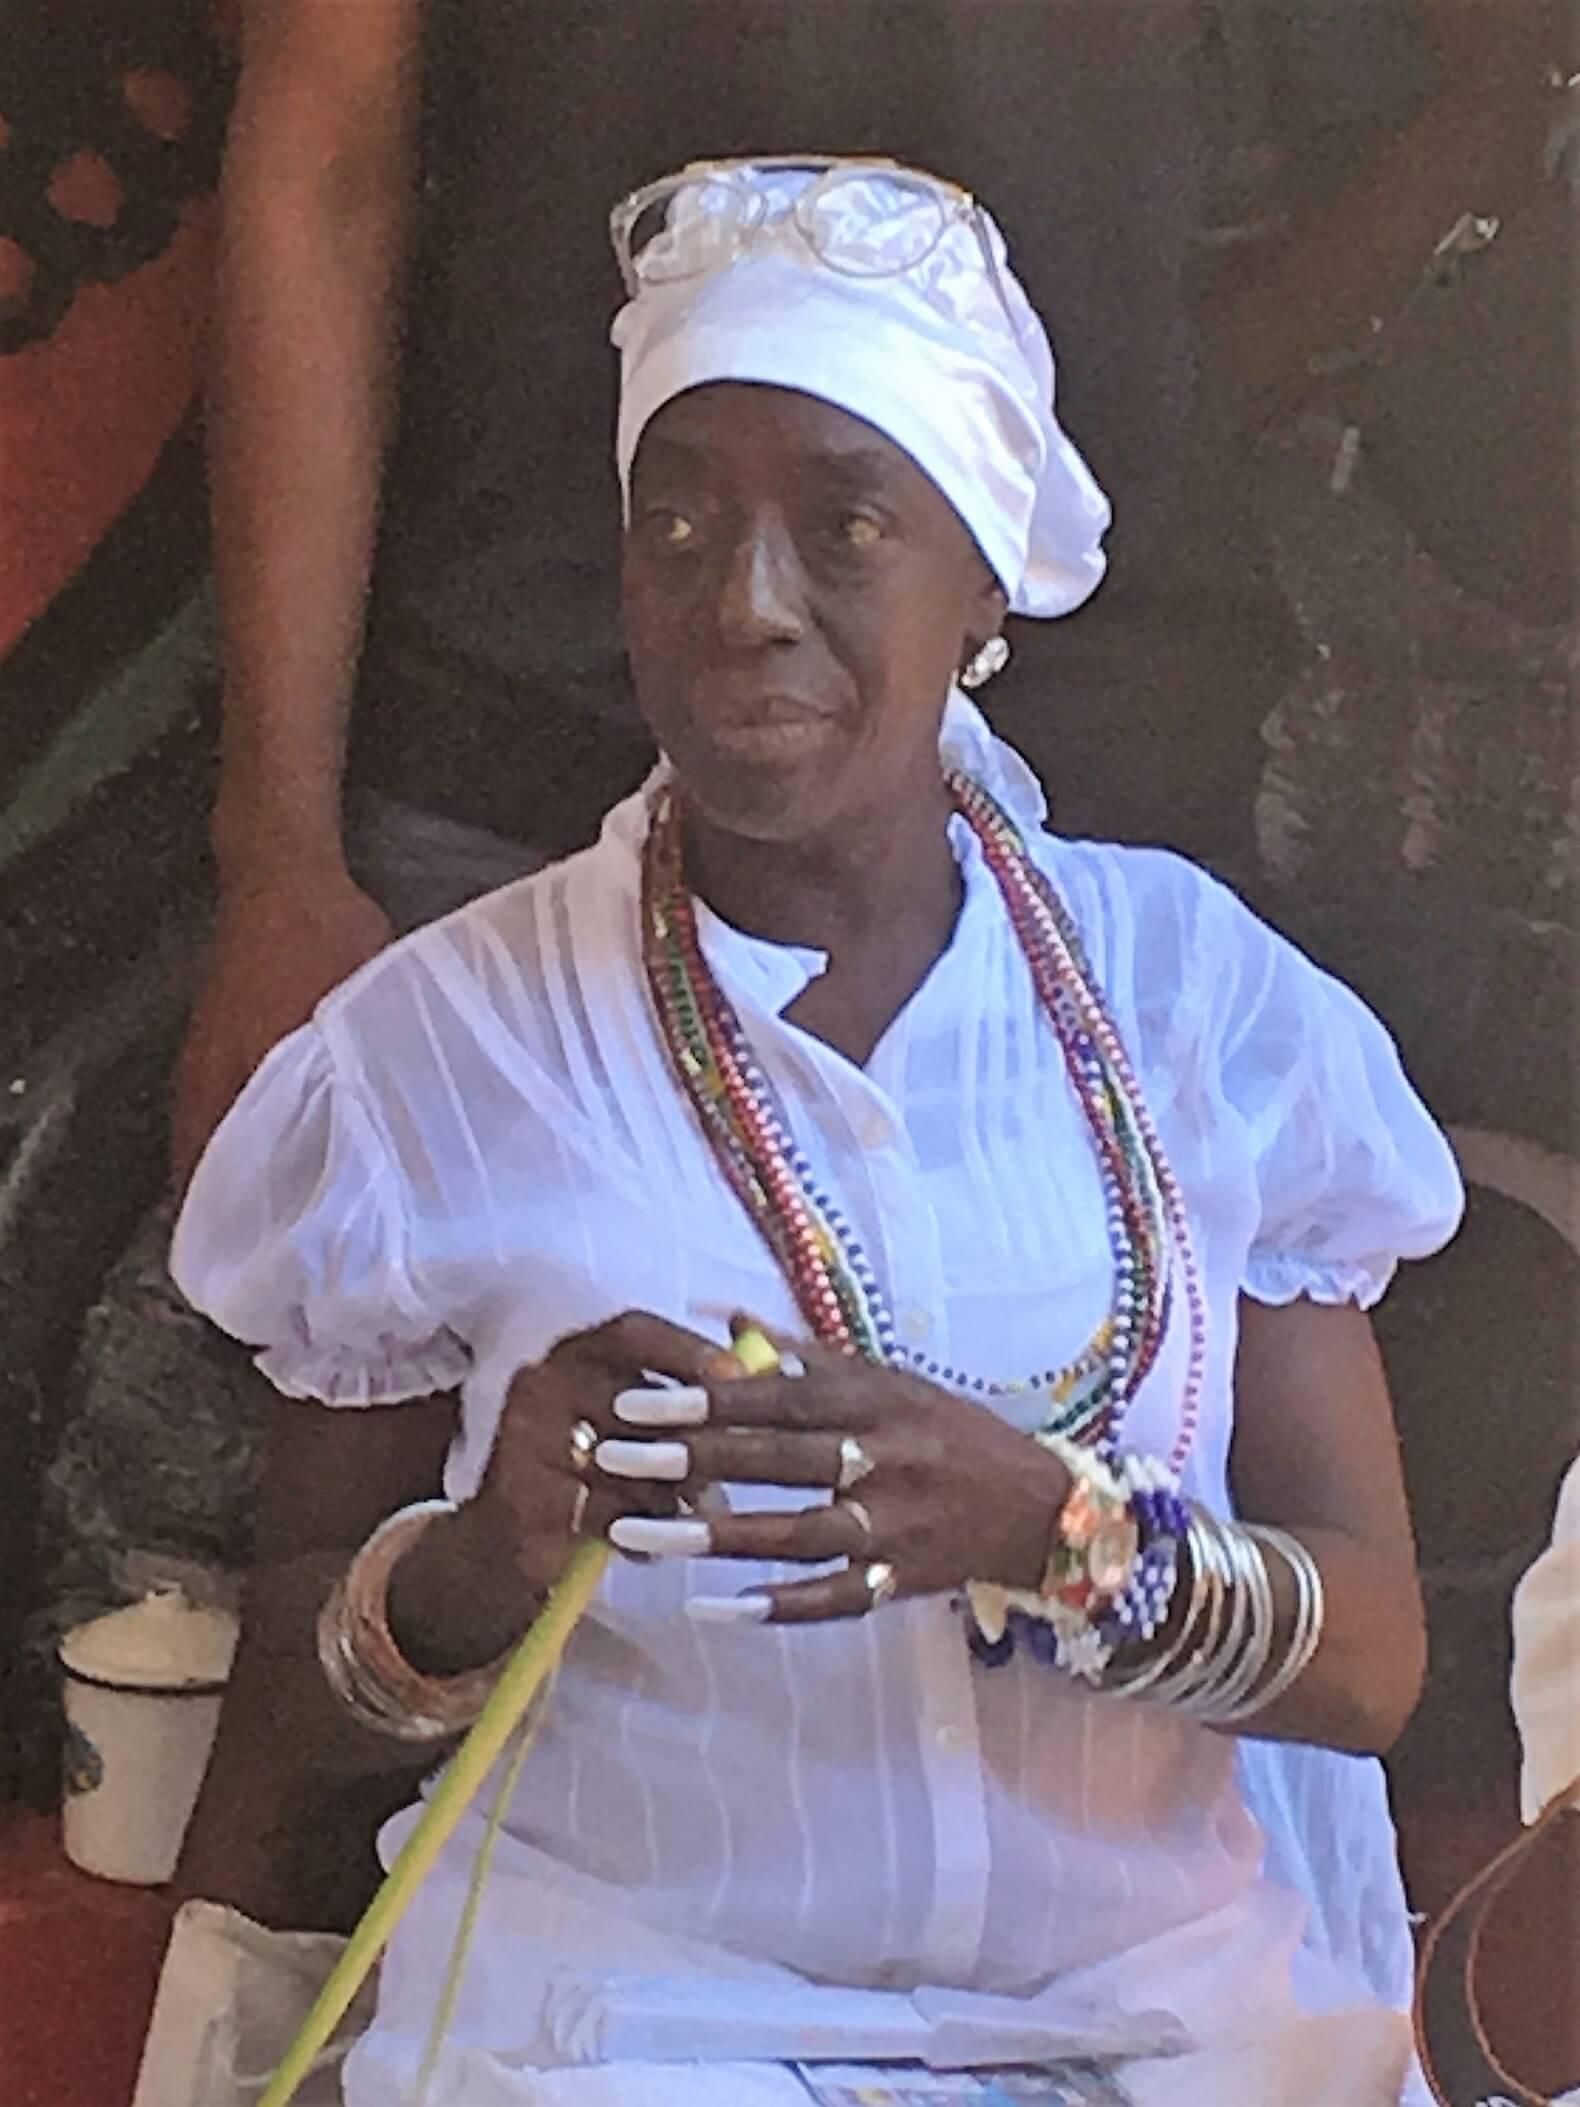 Santeria priestess